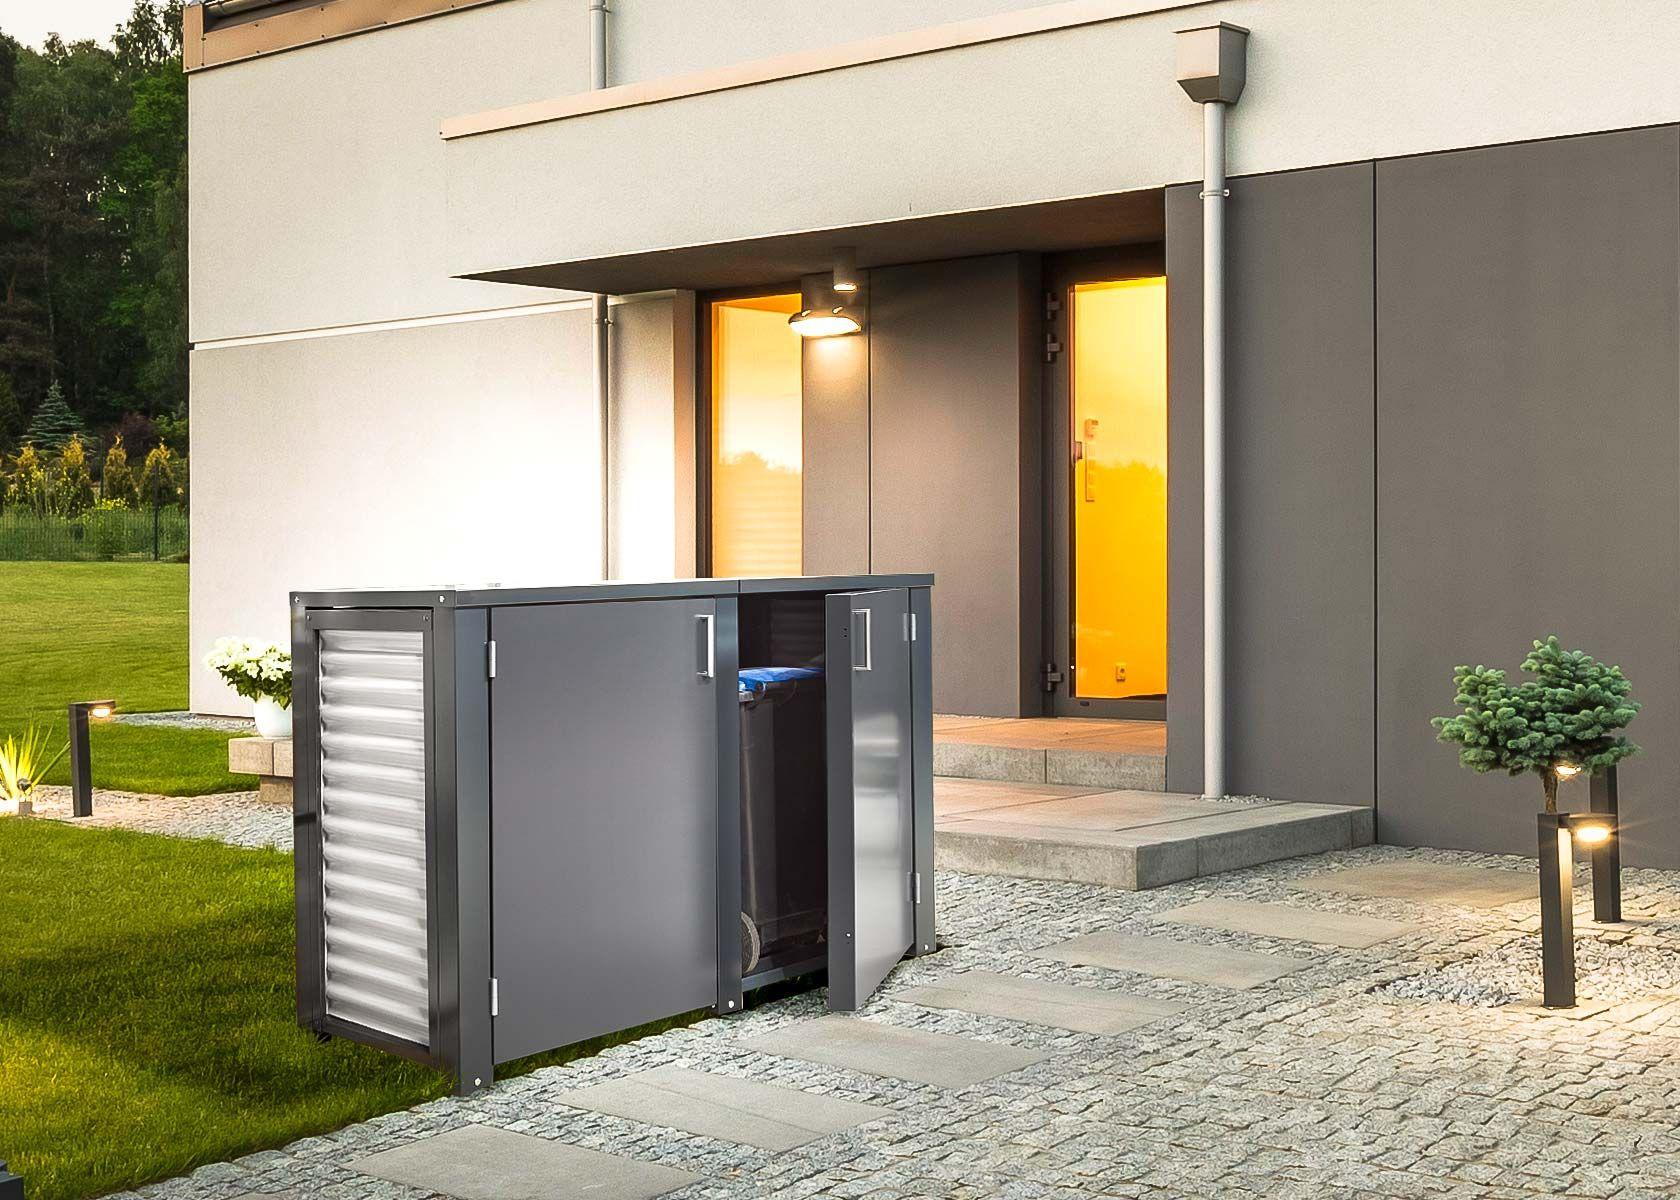 Haus design eingangstor die mülltonnenbox von siebau gliedert sich optimal in die